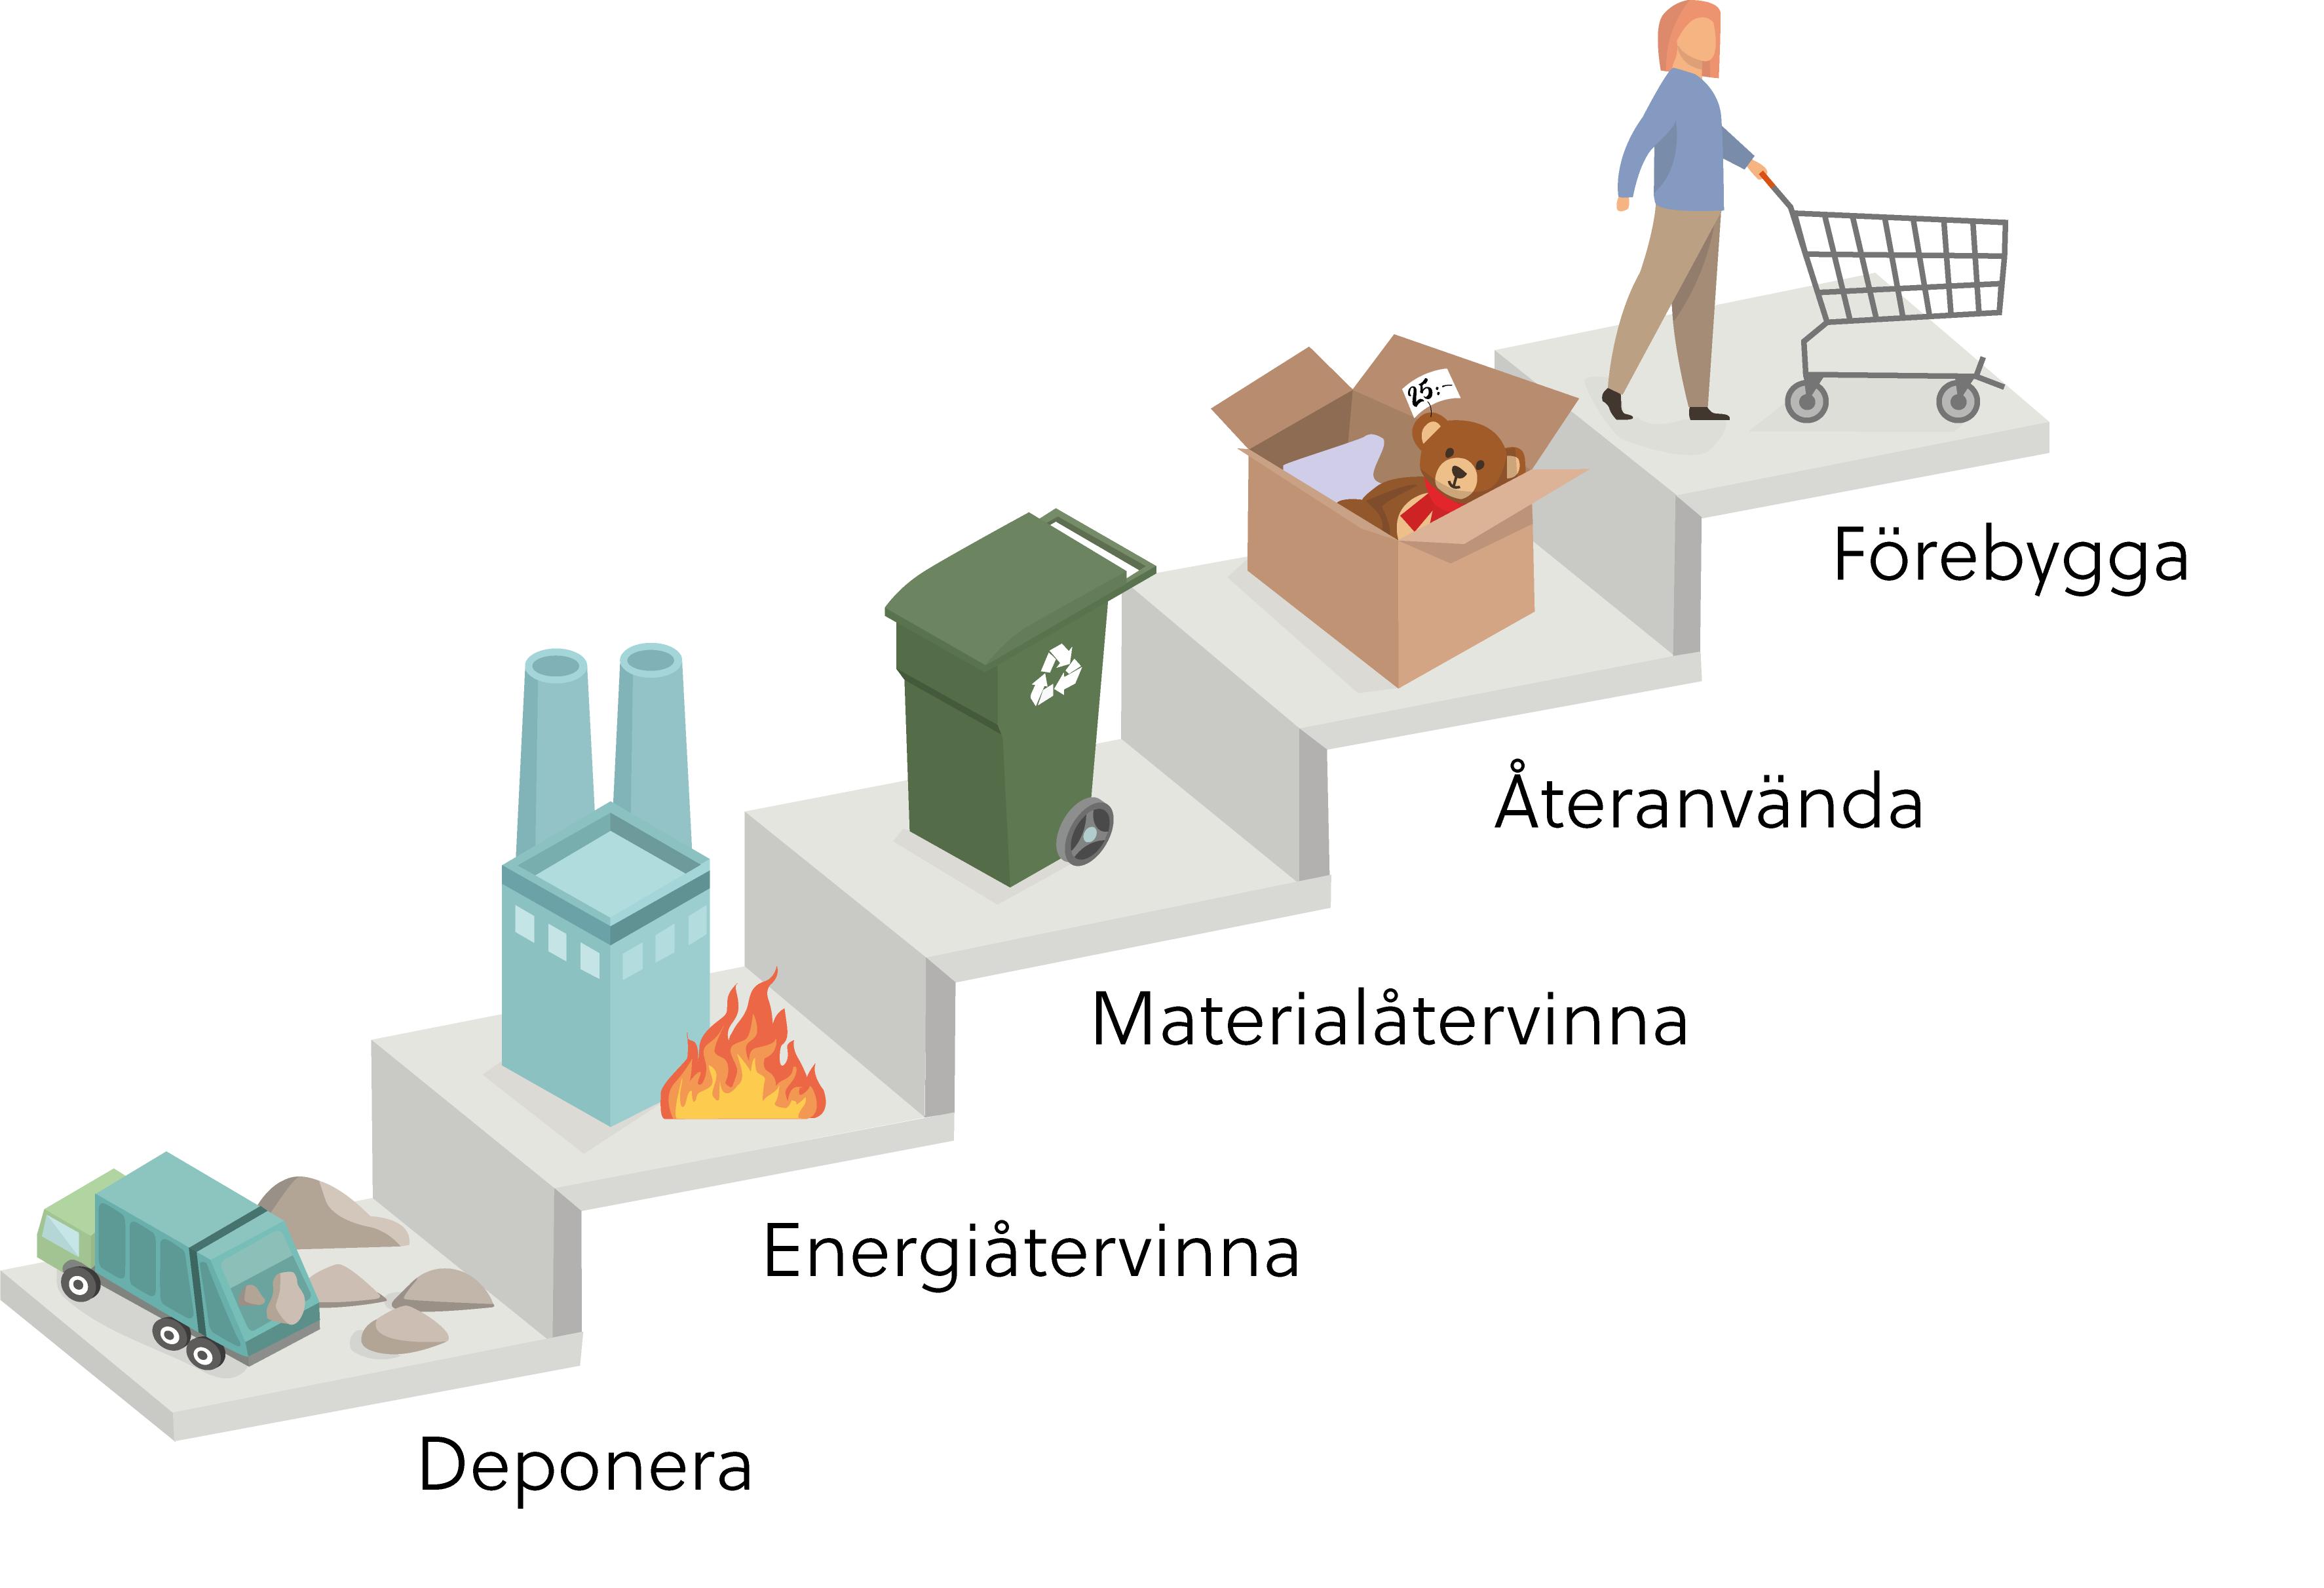 Högsta steget: Förebygga. Andra steget: Återanvända. Tredje steget: Materialåtervinning. Fjärde steget: Energiåtervinning. Sista och femte steget: Deponi.